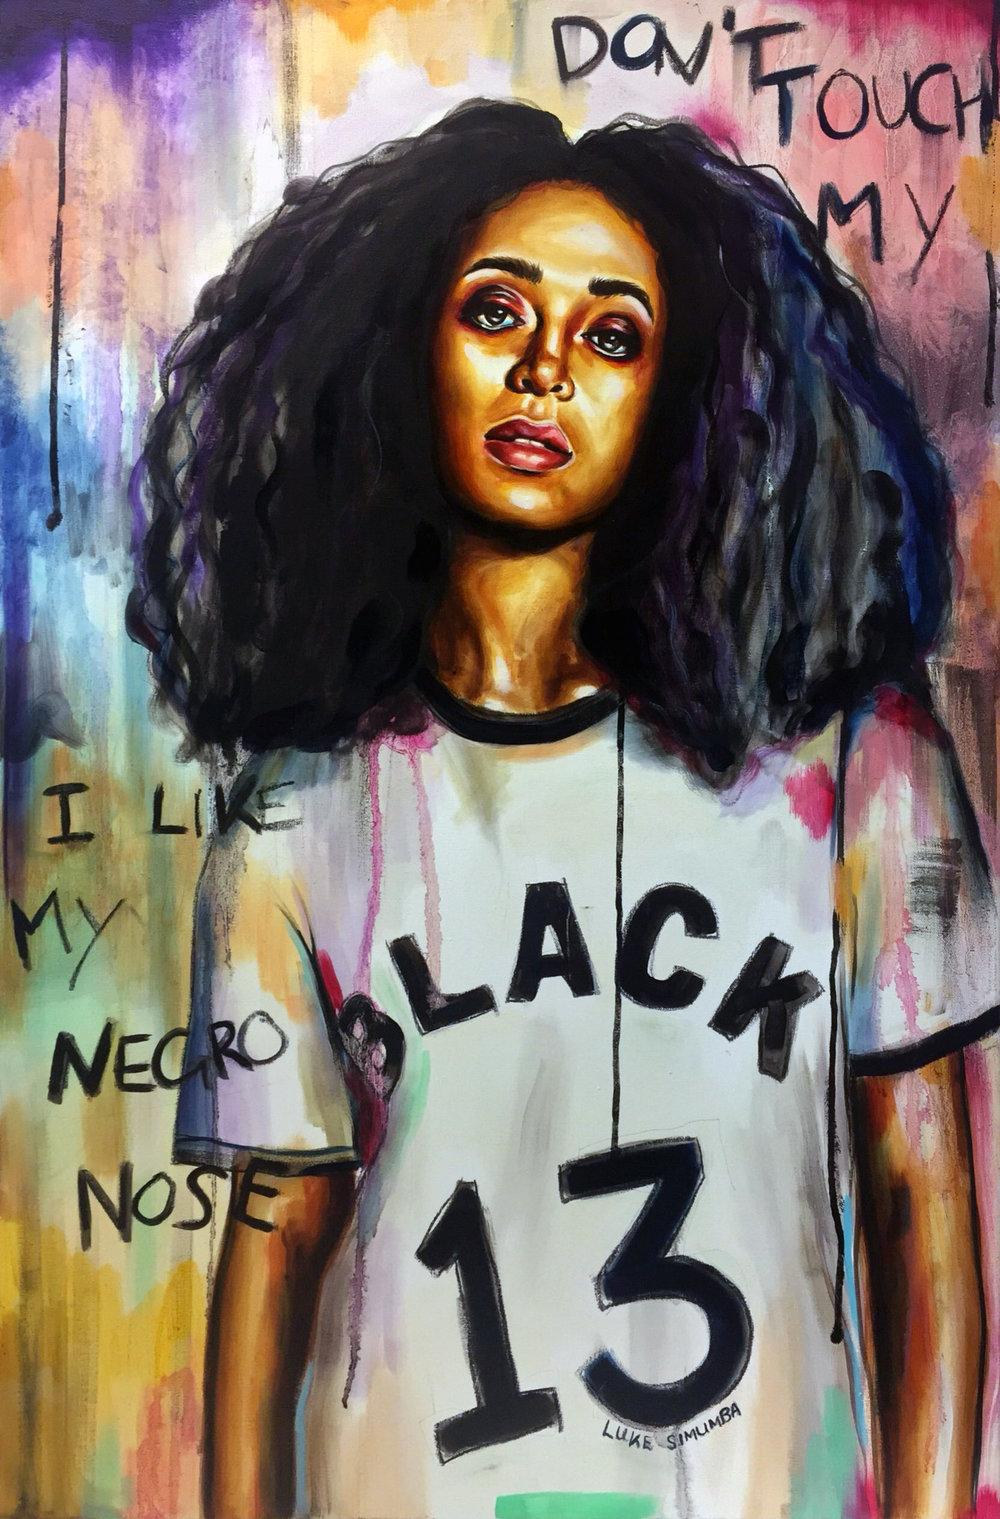 Luke Simumba, Don't Touch My Hair, painting.JPG